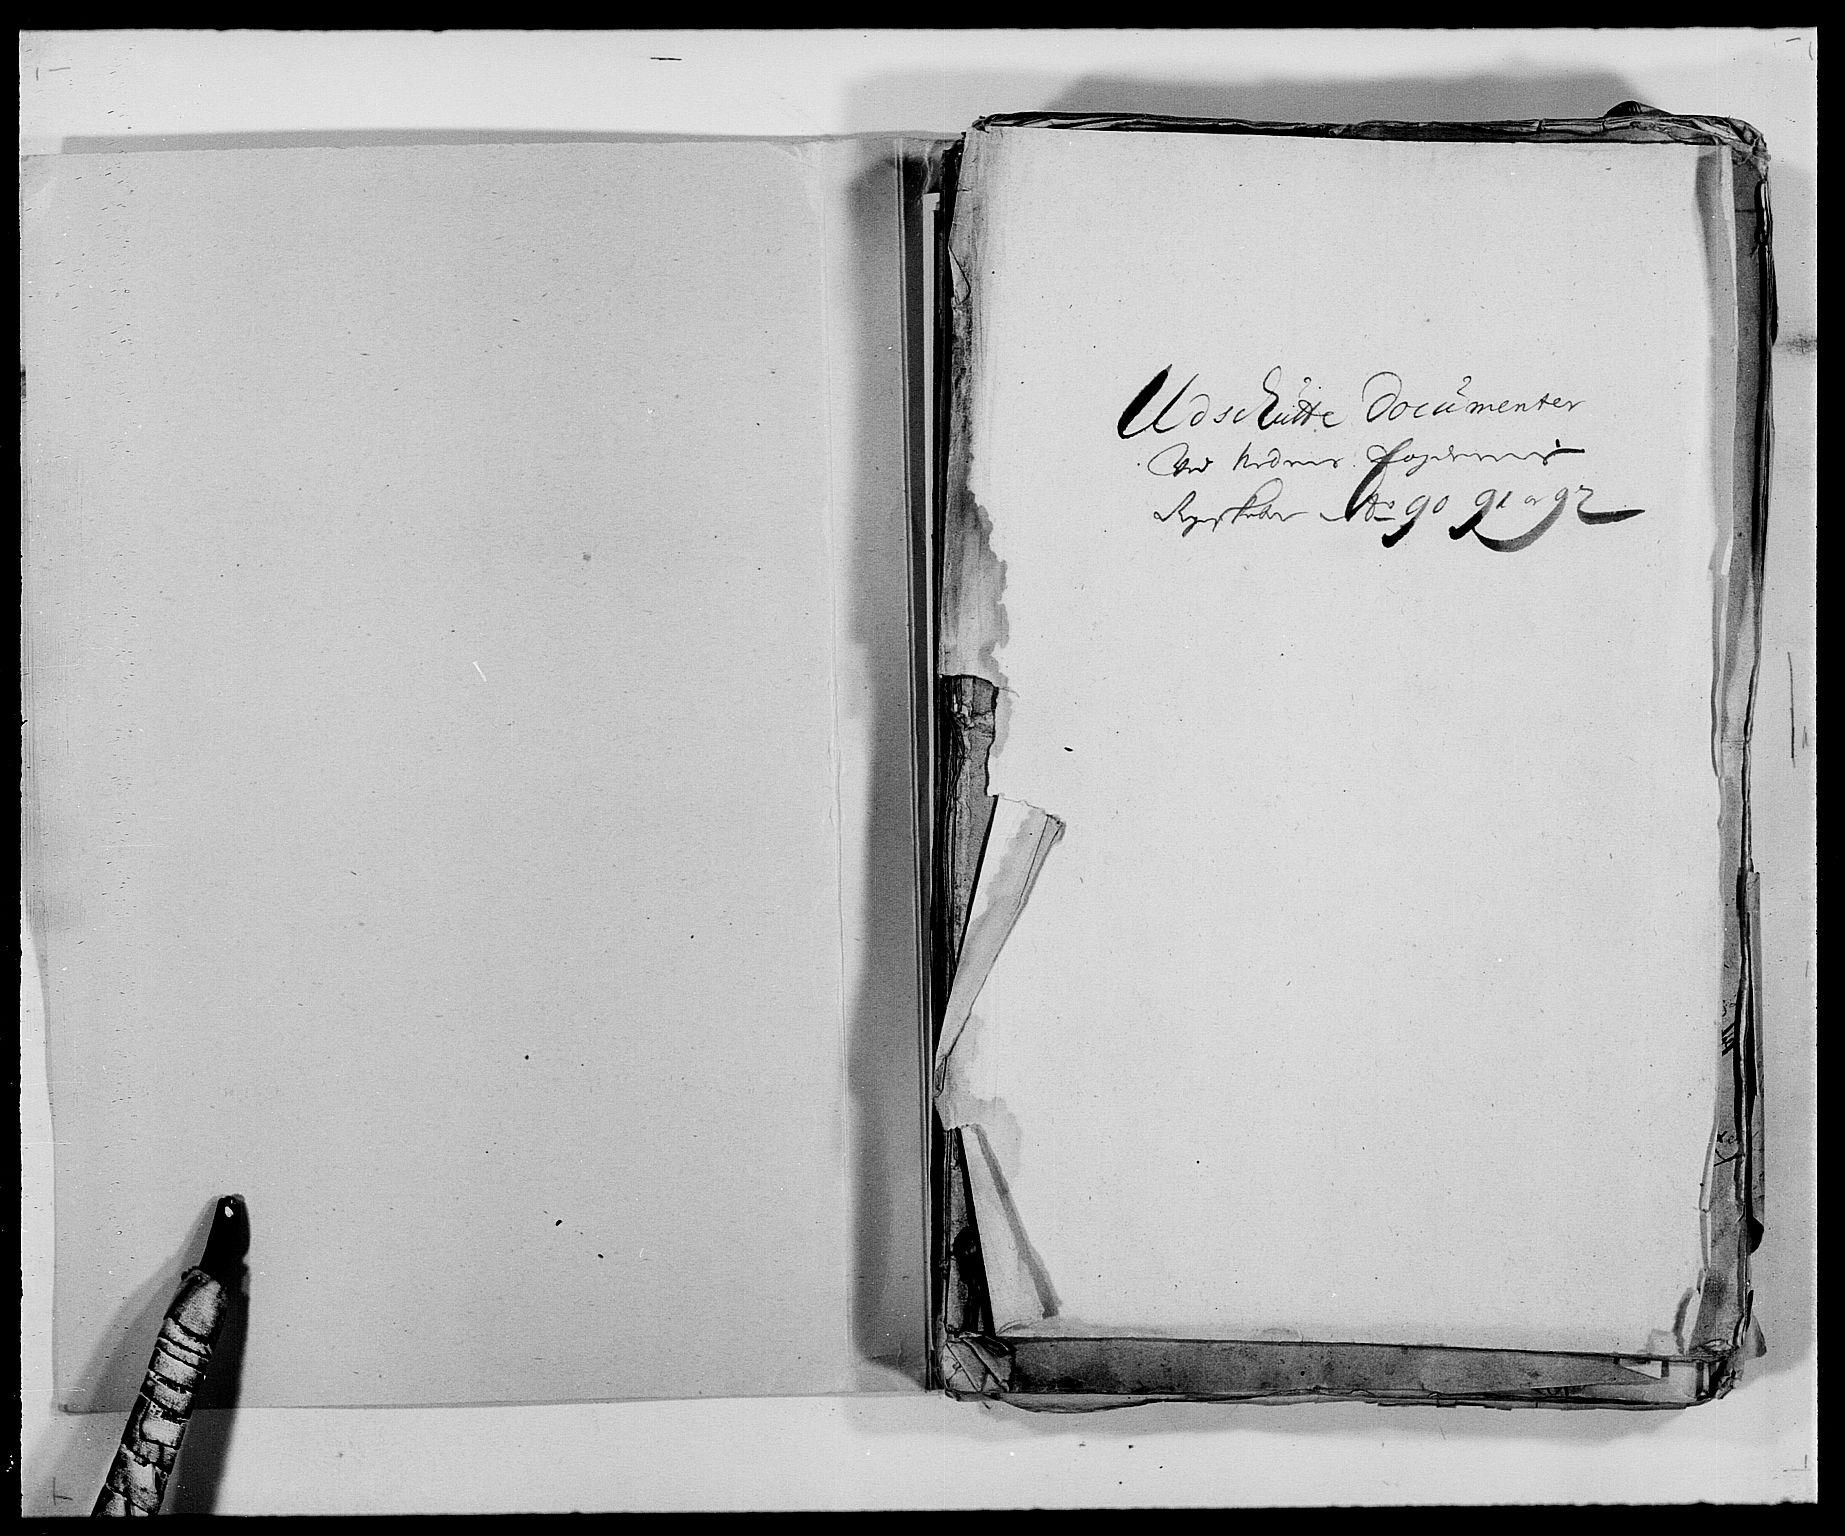 RA, Rentekammeret inntil 1814, Reviderte regnskaper, Fogderegnskap, R39/L2310: Fogderegnskap Nedenes, 1690-1692, s. 2